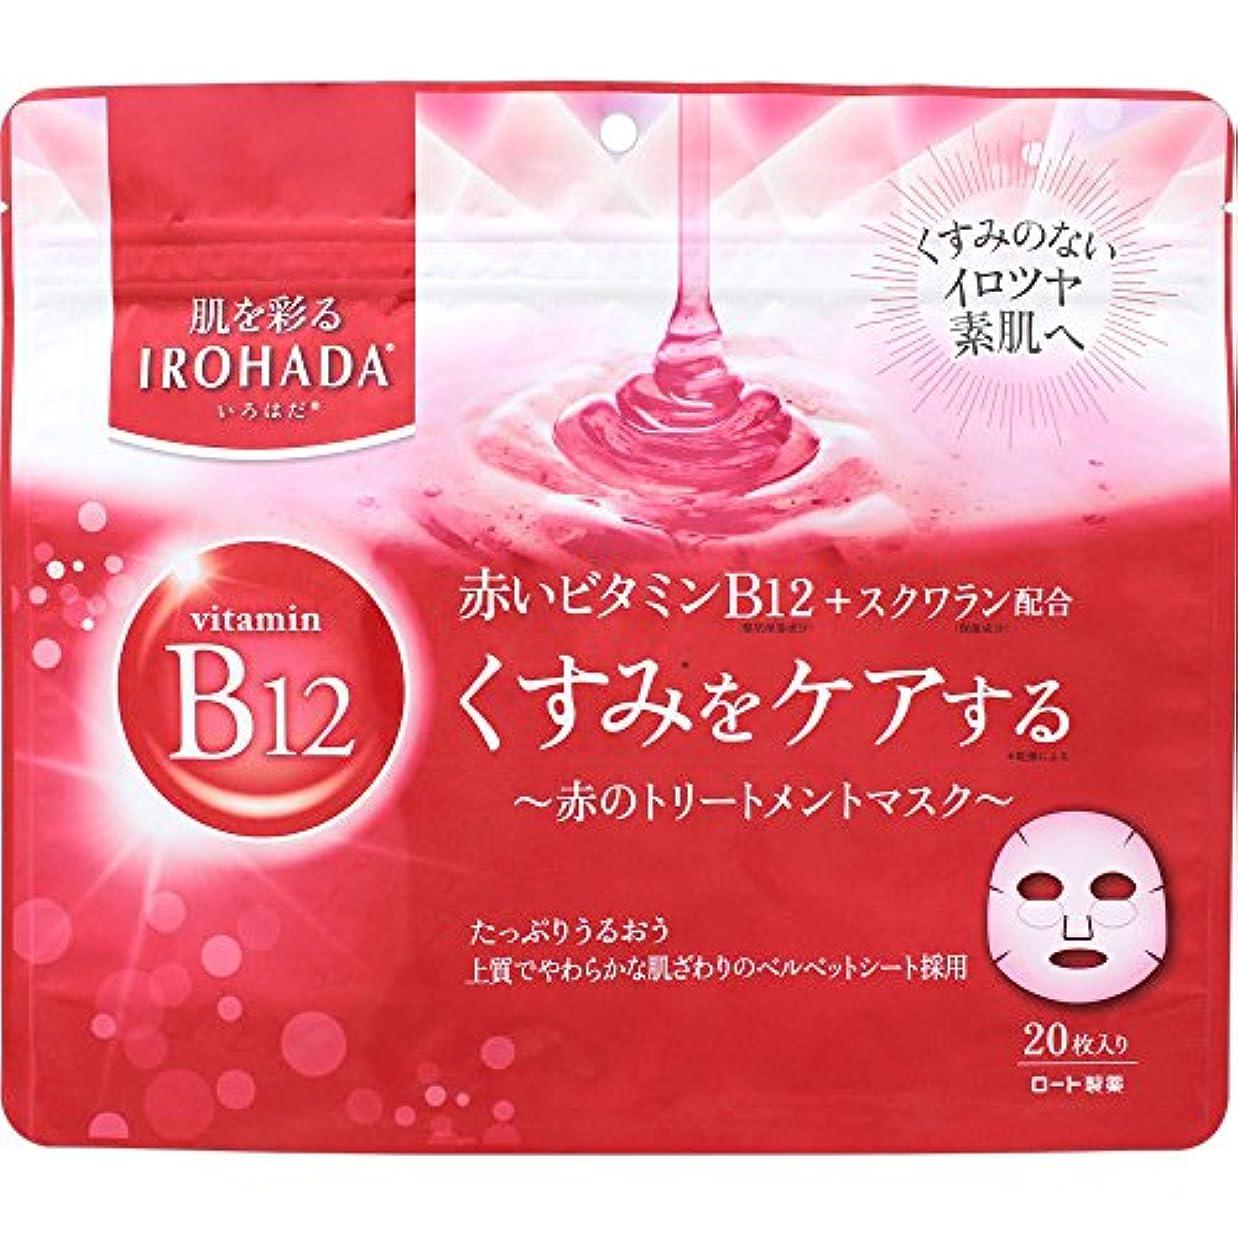 曲げる影響する悲観的ロート製薬 いろはだ (IROHADA) 赤いビタミンB12×スクワラン配合 トリートメントマスク 20枚入り